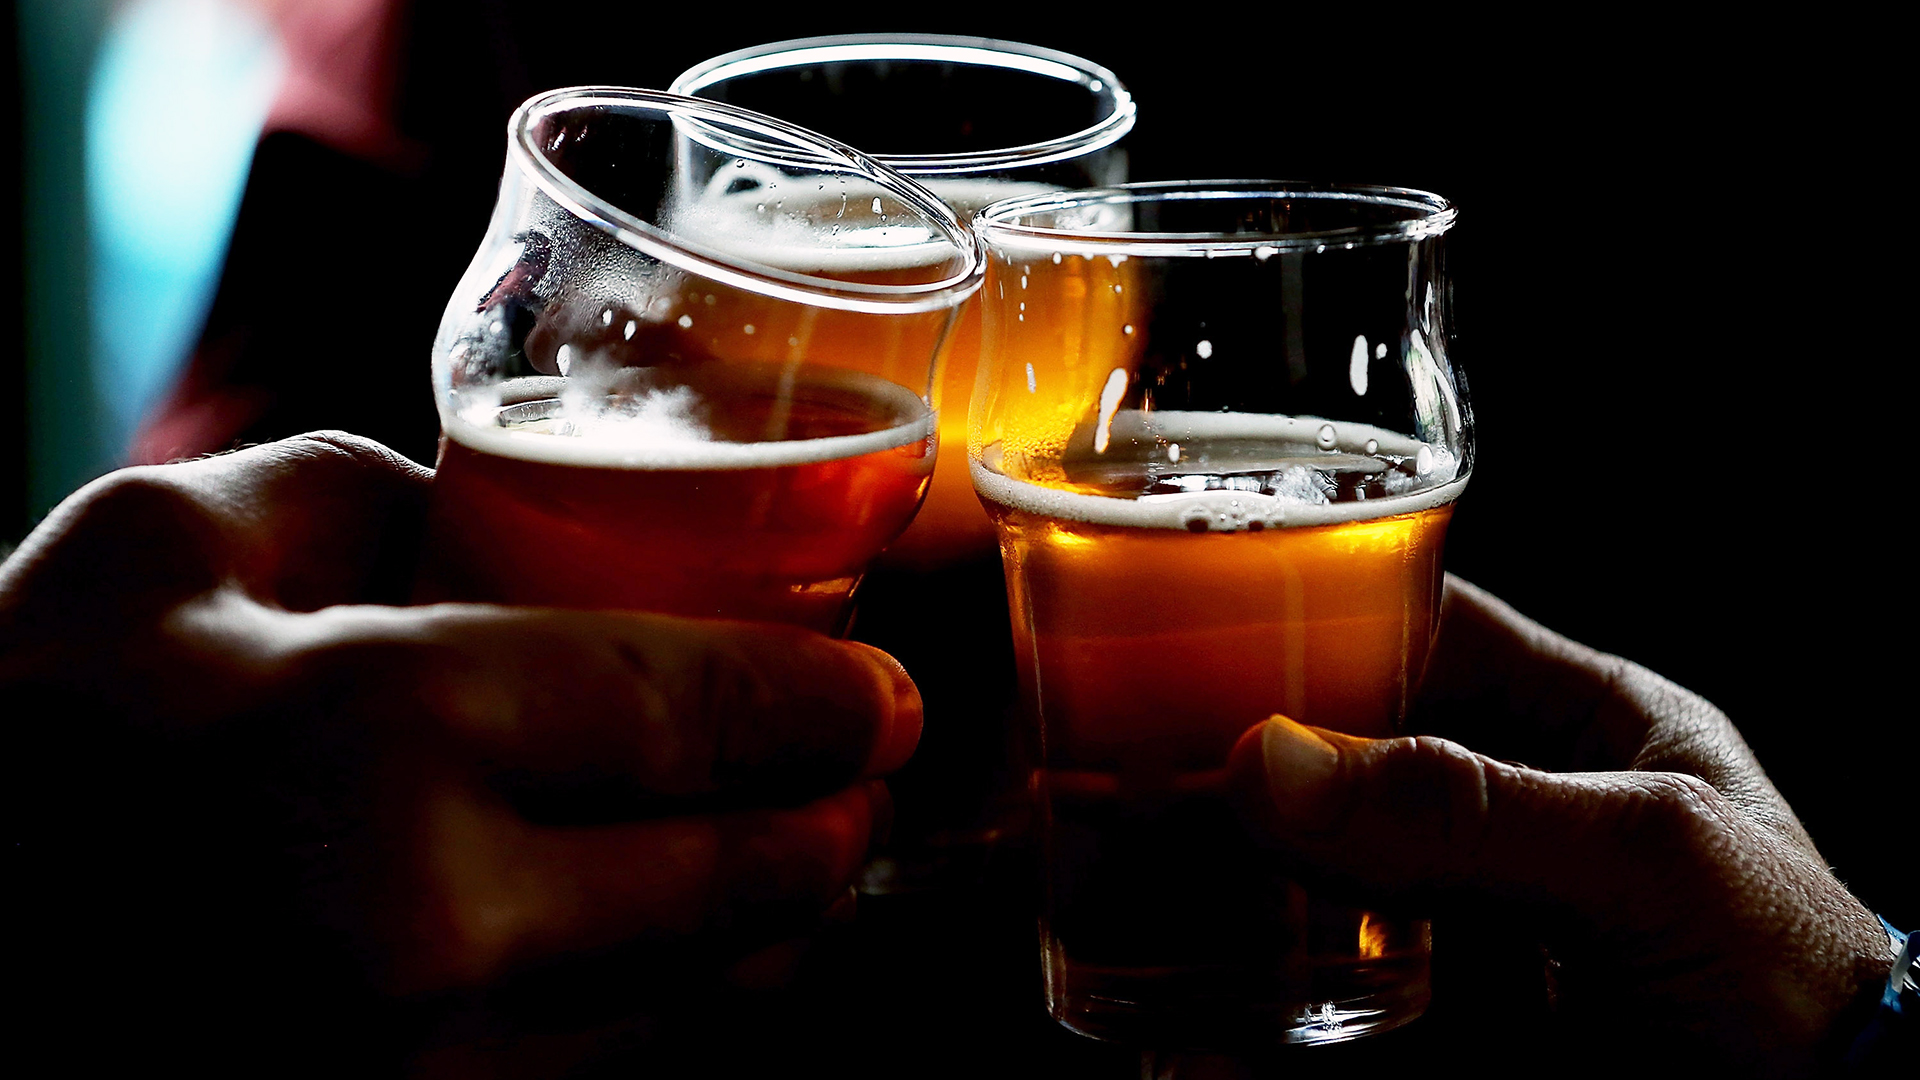 Beer glasses cheers-159532.jpg37433017